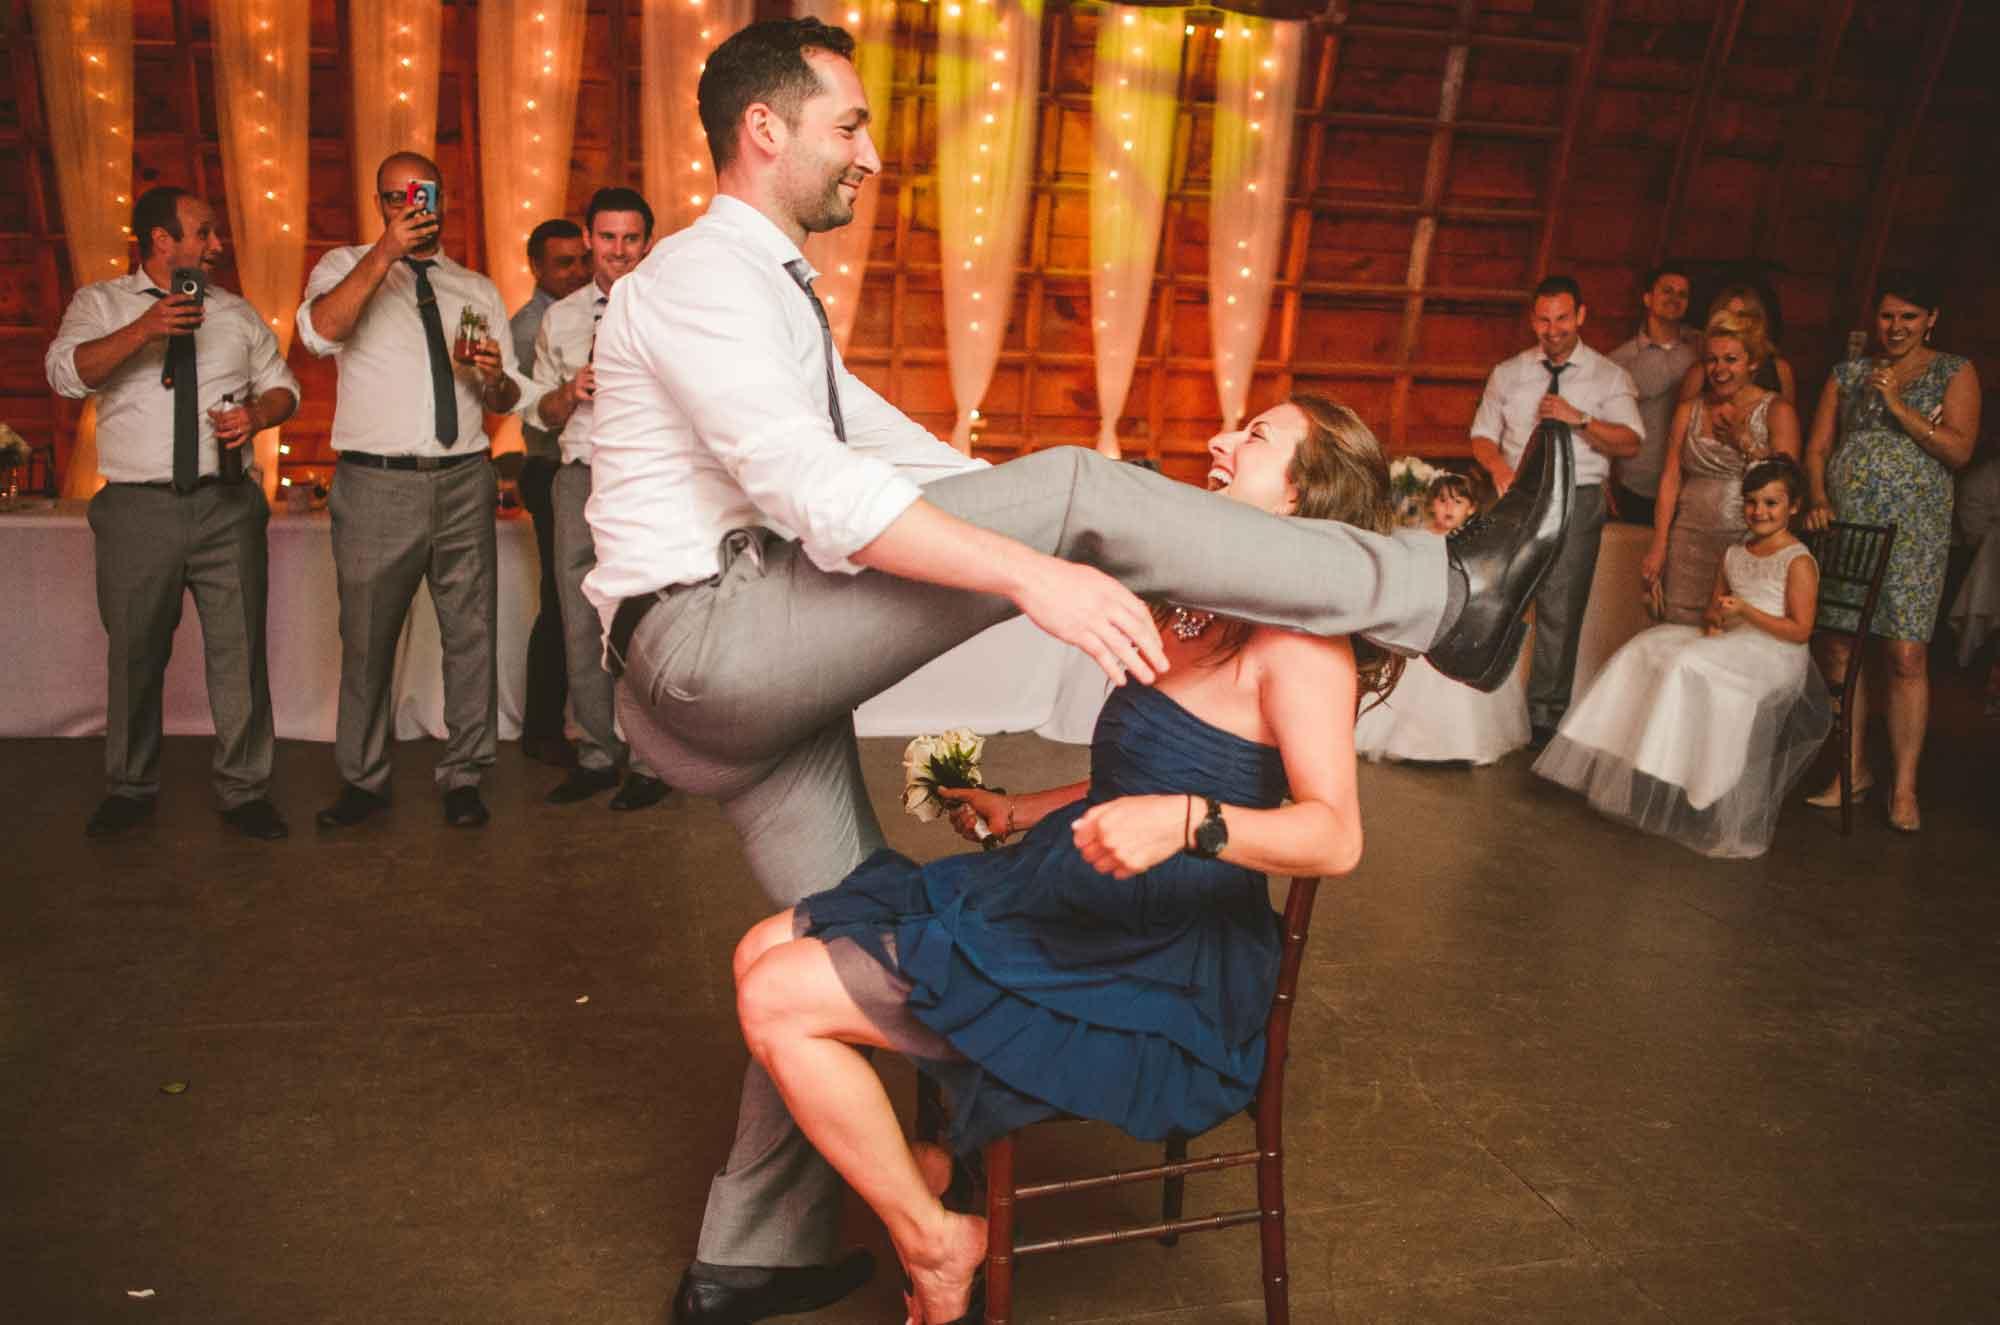 34-wedding-reception-dance-floor.jpg